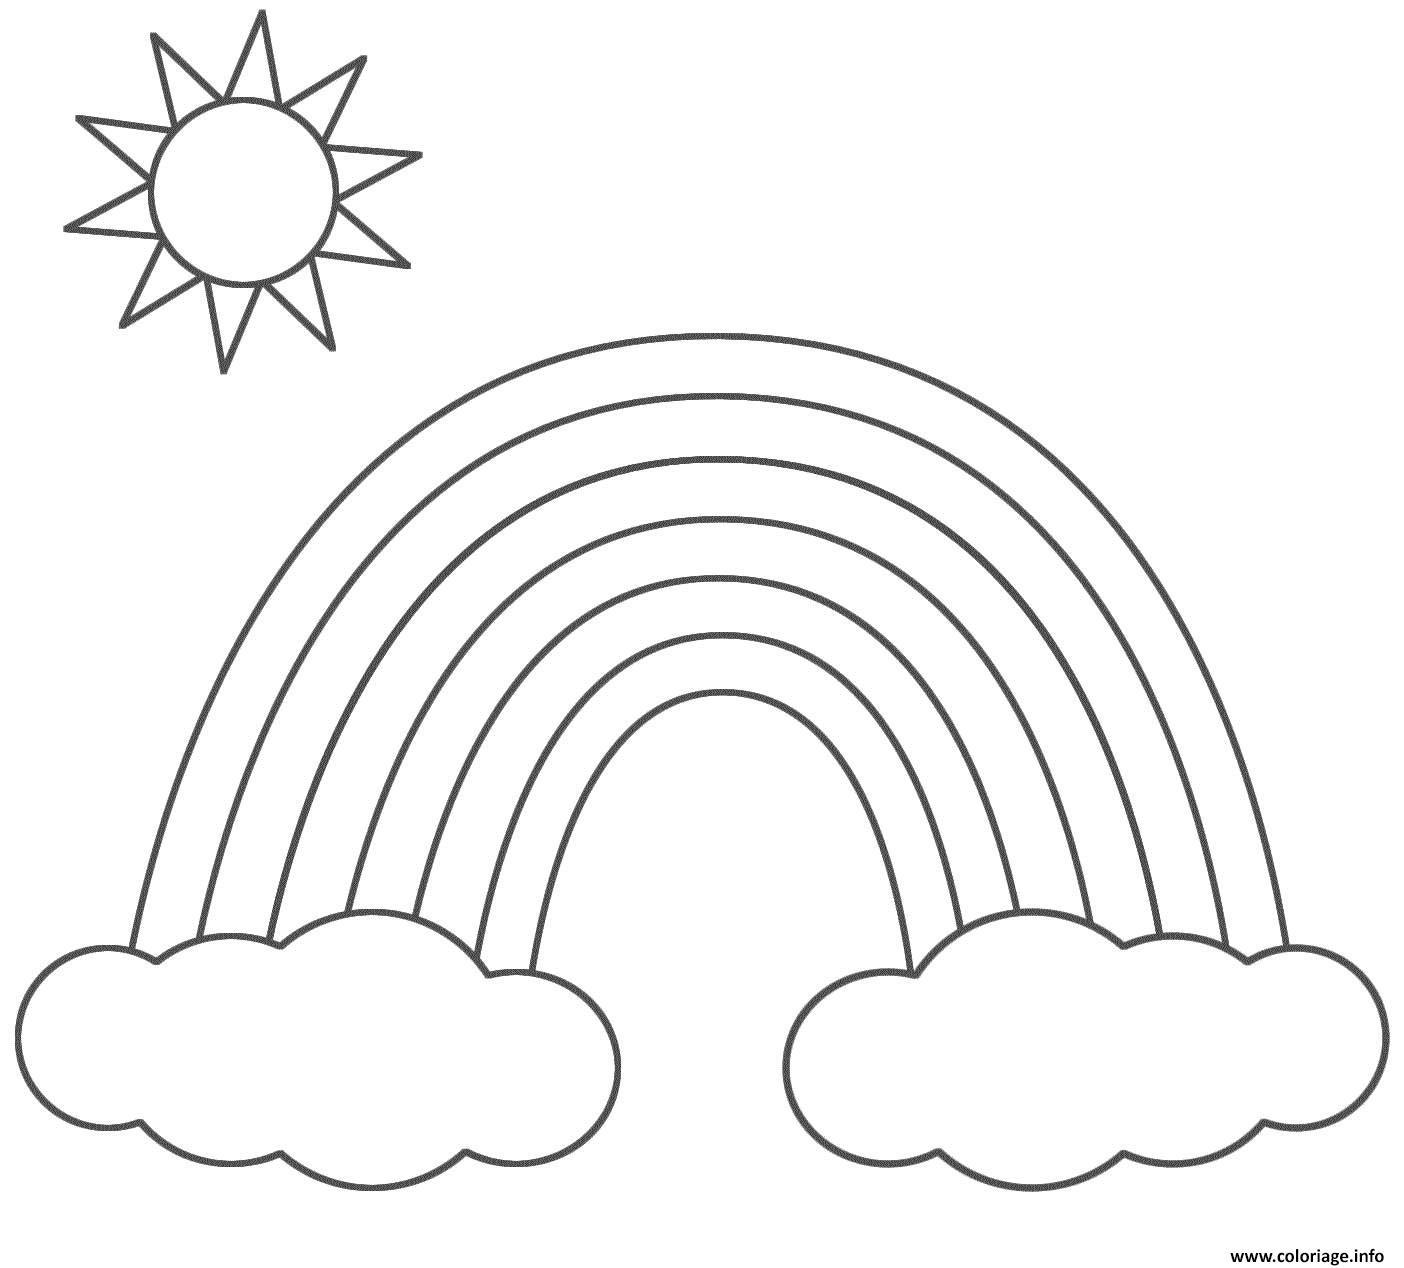 Coloriage Darc En Ciel En Ligne.Dessin A Imprimer Arc En Ciel